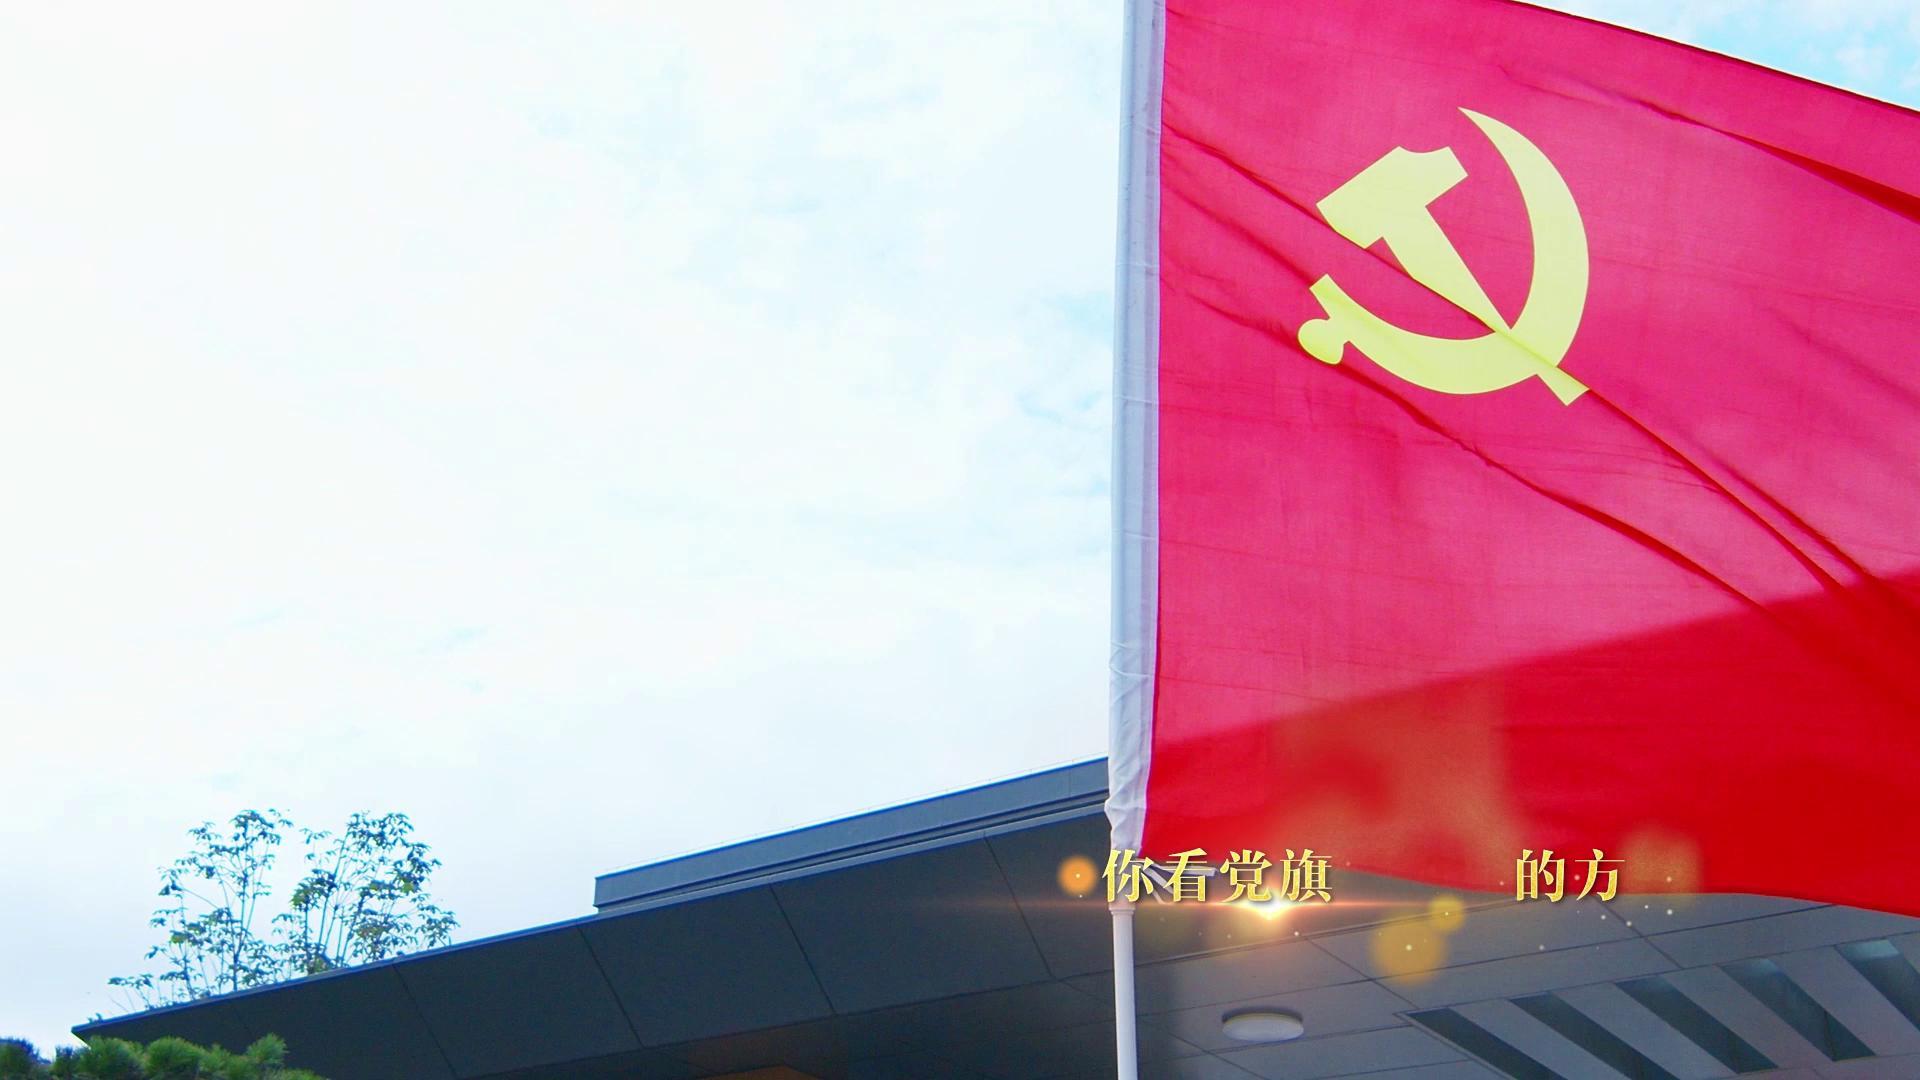 東莊水利公司:《黨旗飄揚的方向》